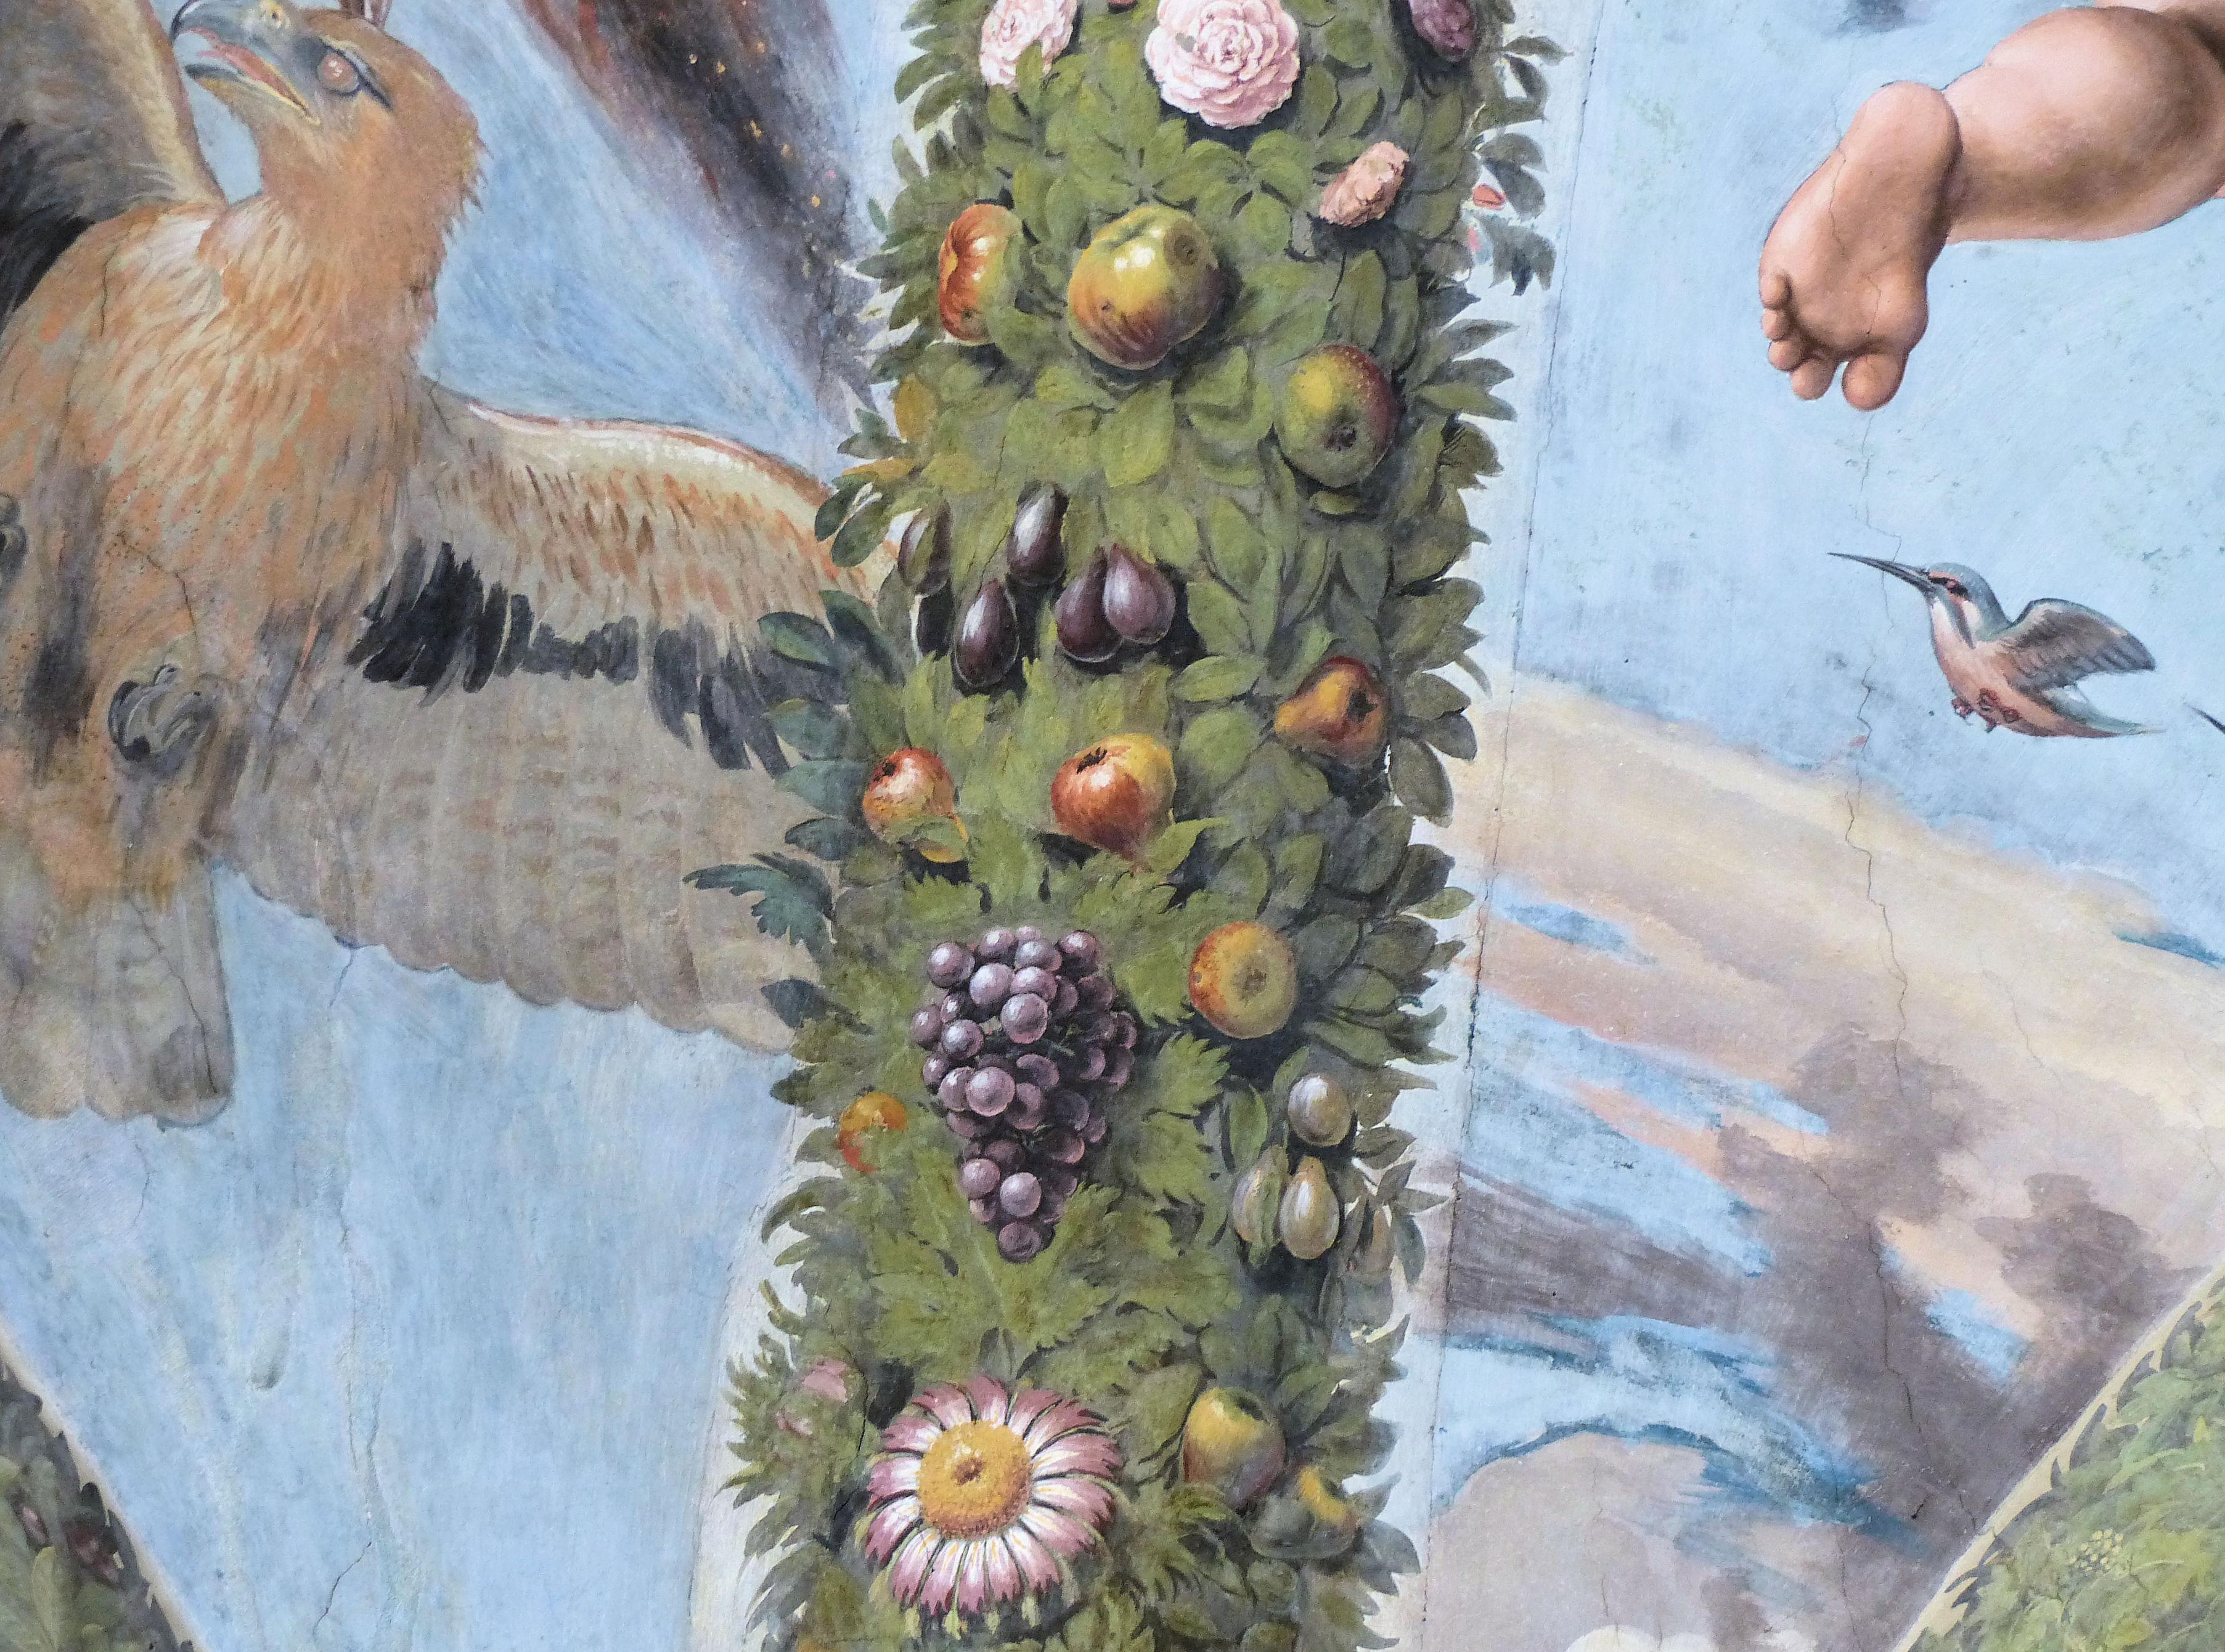 © Dipartimento di Scienze della Vita, Università di Trieste<br>by Andrea Moro<br>Comune di Roma, Villa Farnesina, Loggia di Amore e Psiche, Giovanni da Udine, Roma, Lazio, Italia, 05/06/2017<br>Distributed under CC-BY-SA 4.0 license.